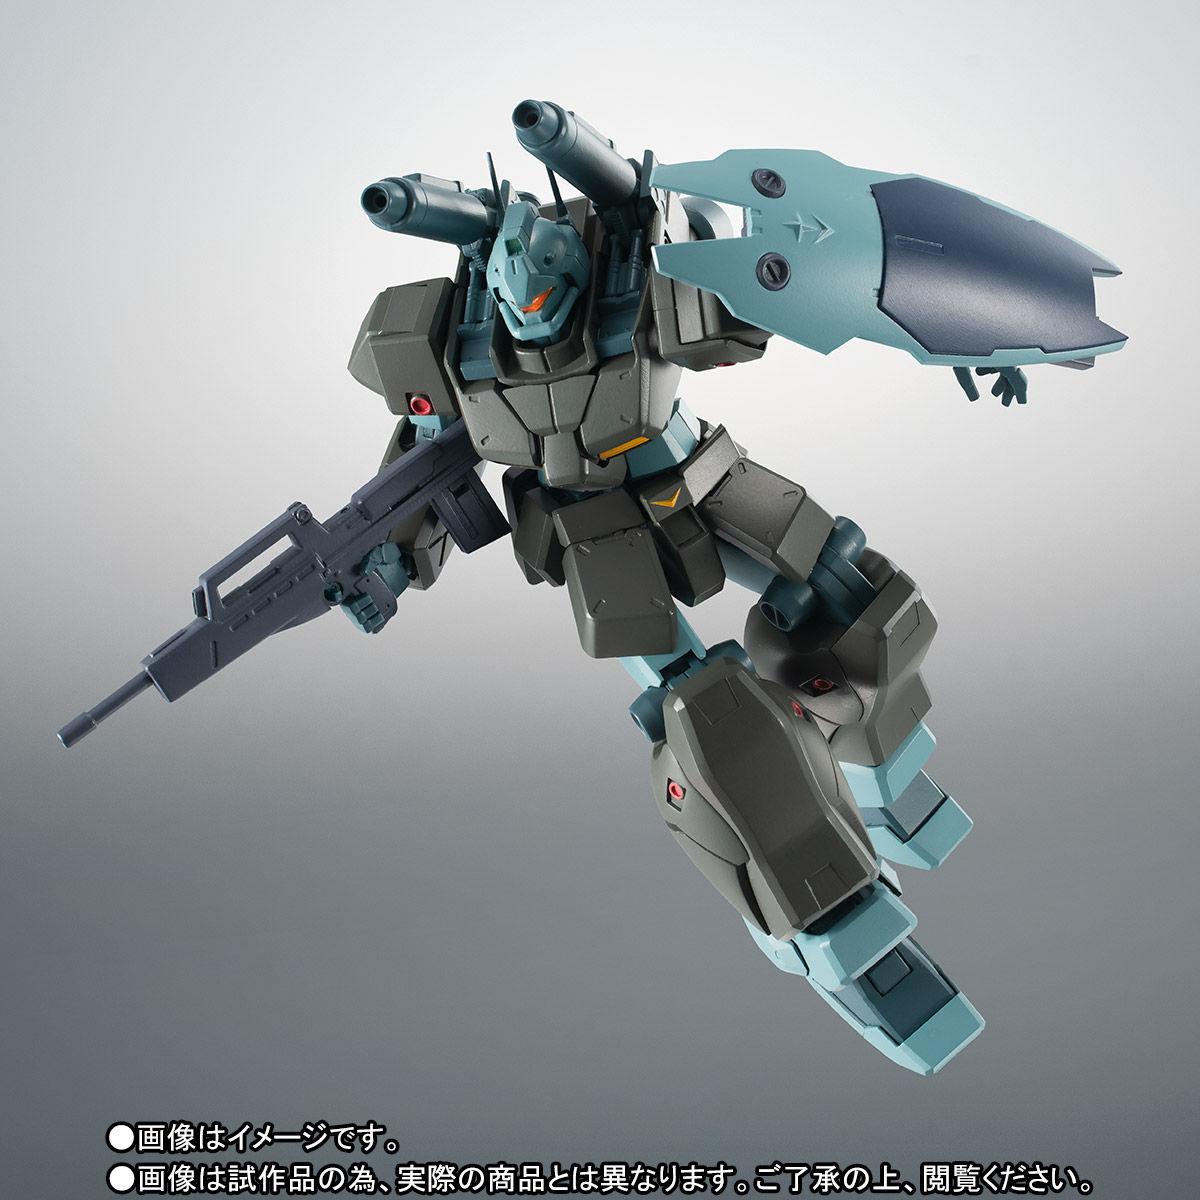 【限定販売】ROBOT魂〈SIDE MS〉『RGC-83 ジム・キャノンII ver. A.N.I.M.E.』ガンダム0083 可動フィギュア-006